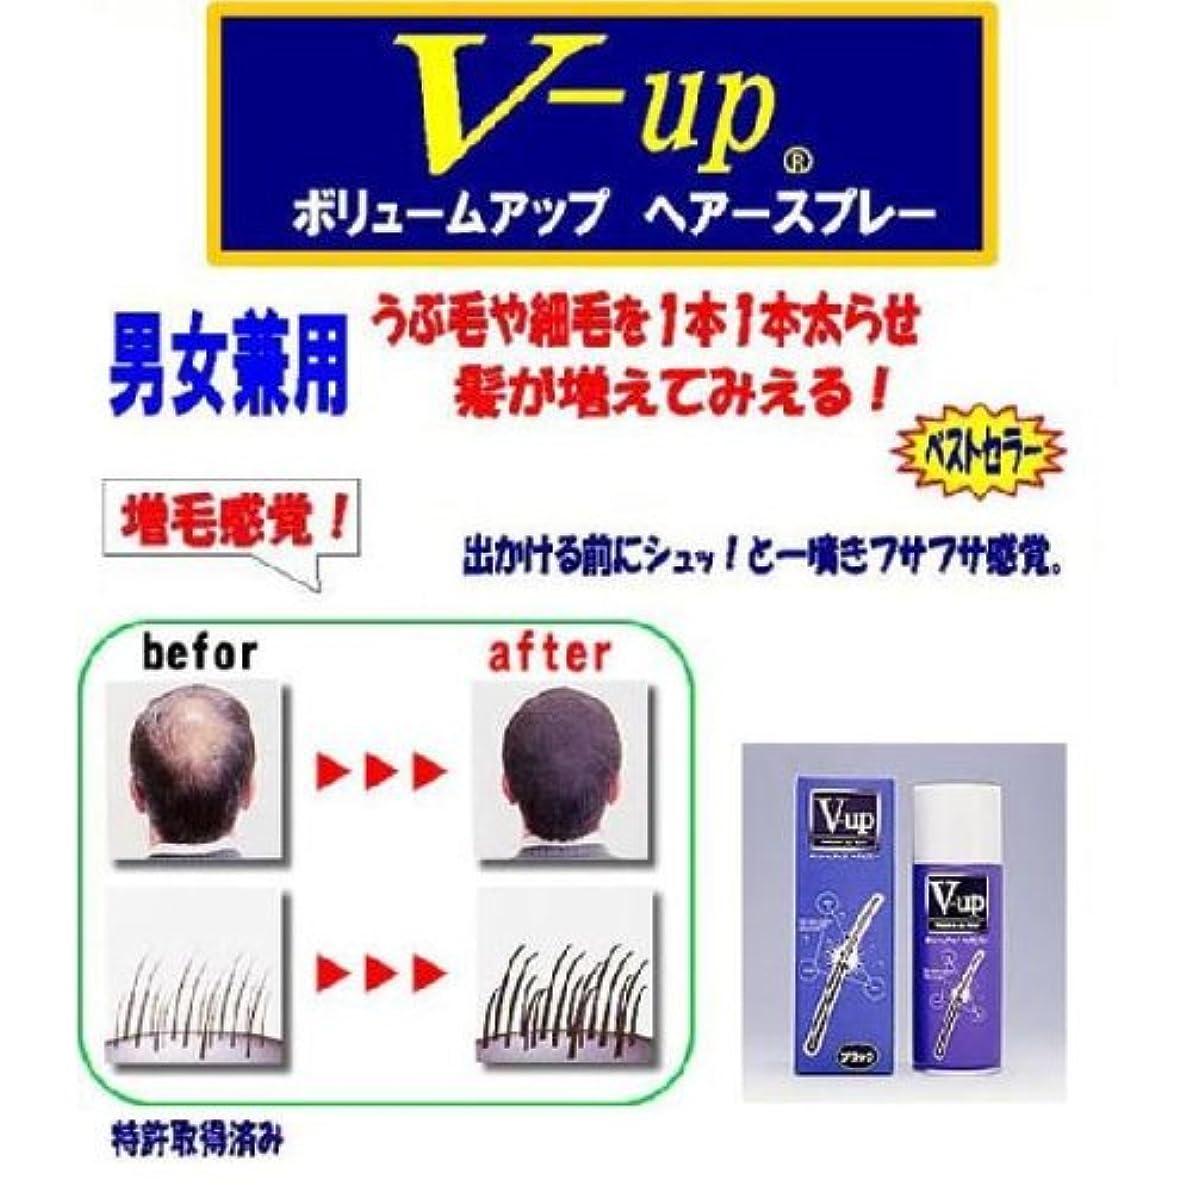 物思いにふけるつぶやき送金V-アップヘアスプレー200g【カラー:ダークブラウン】